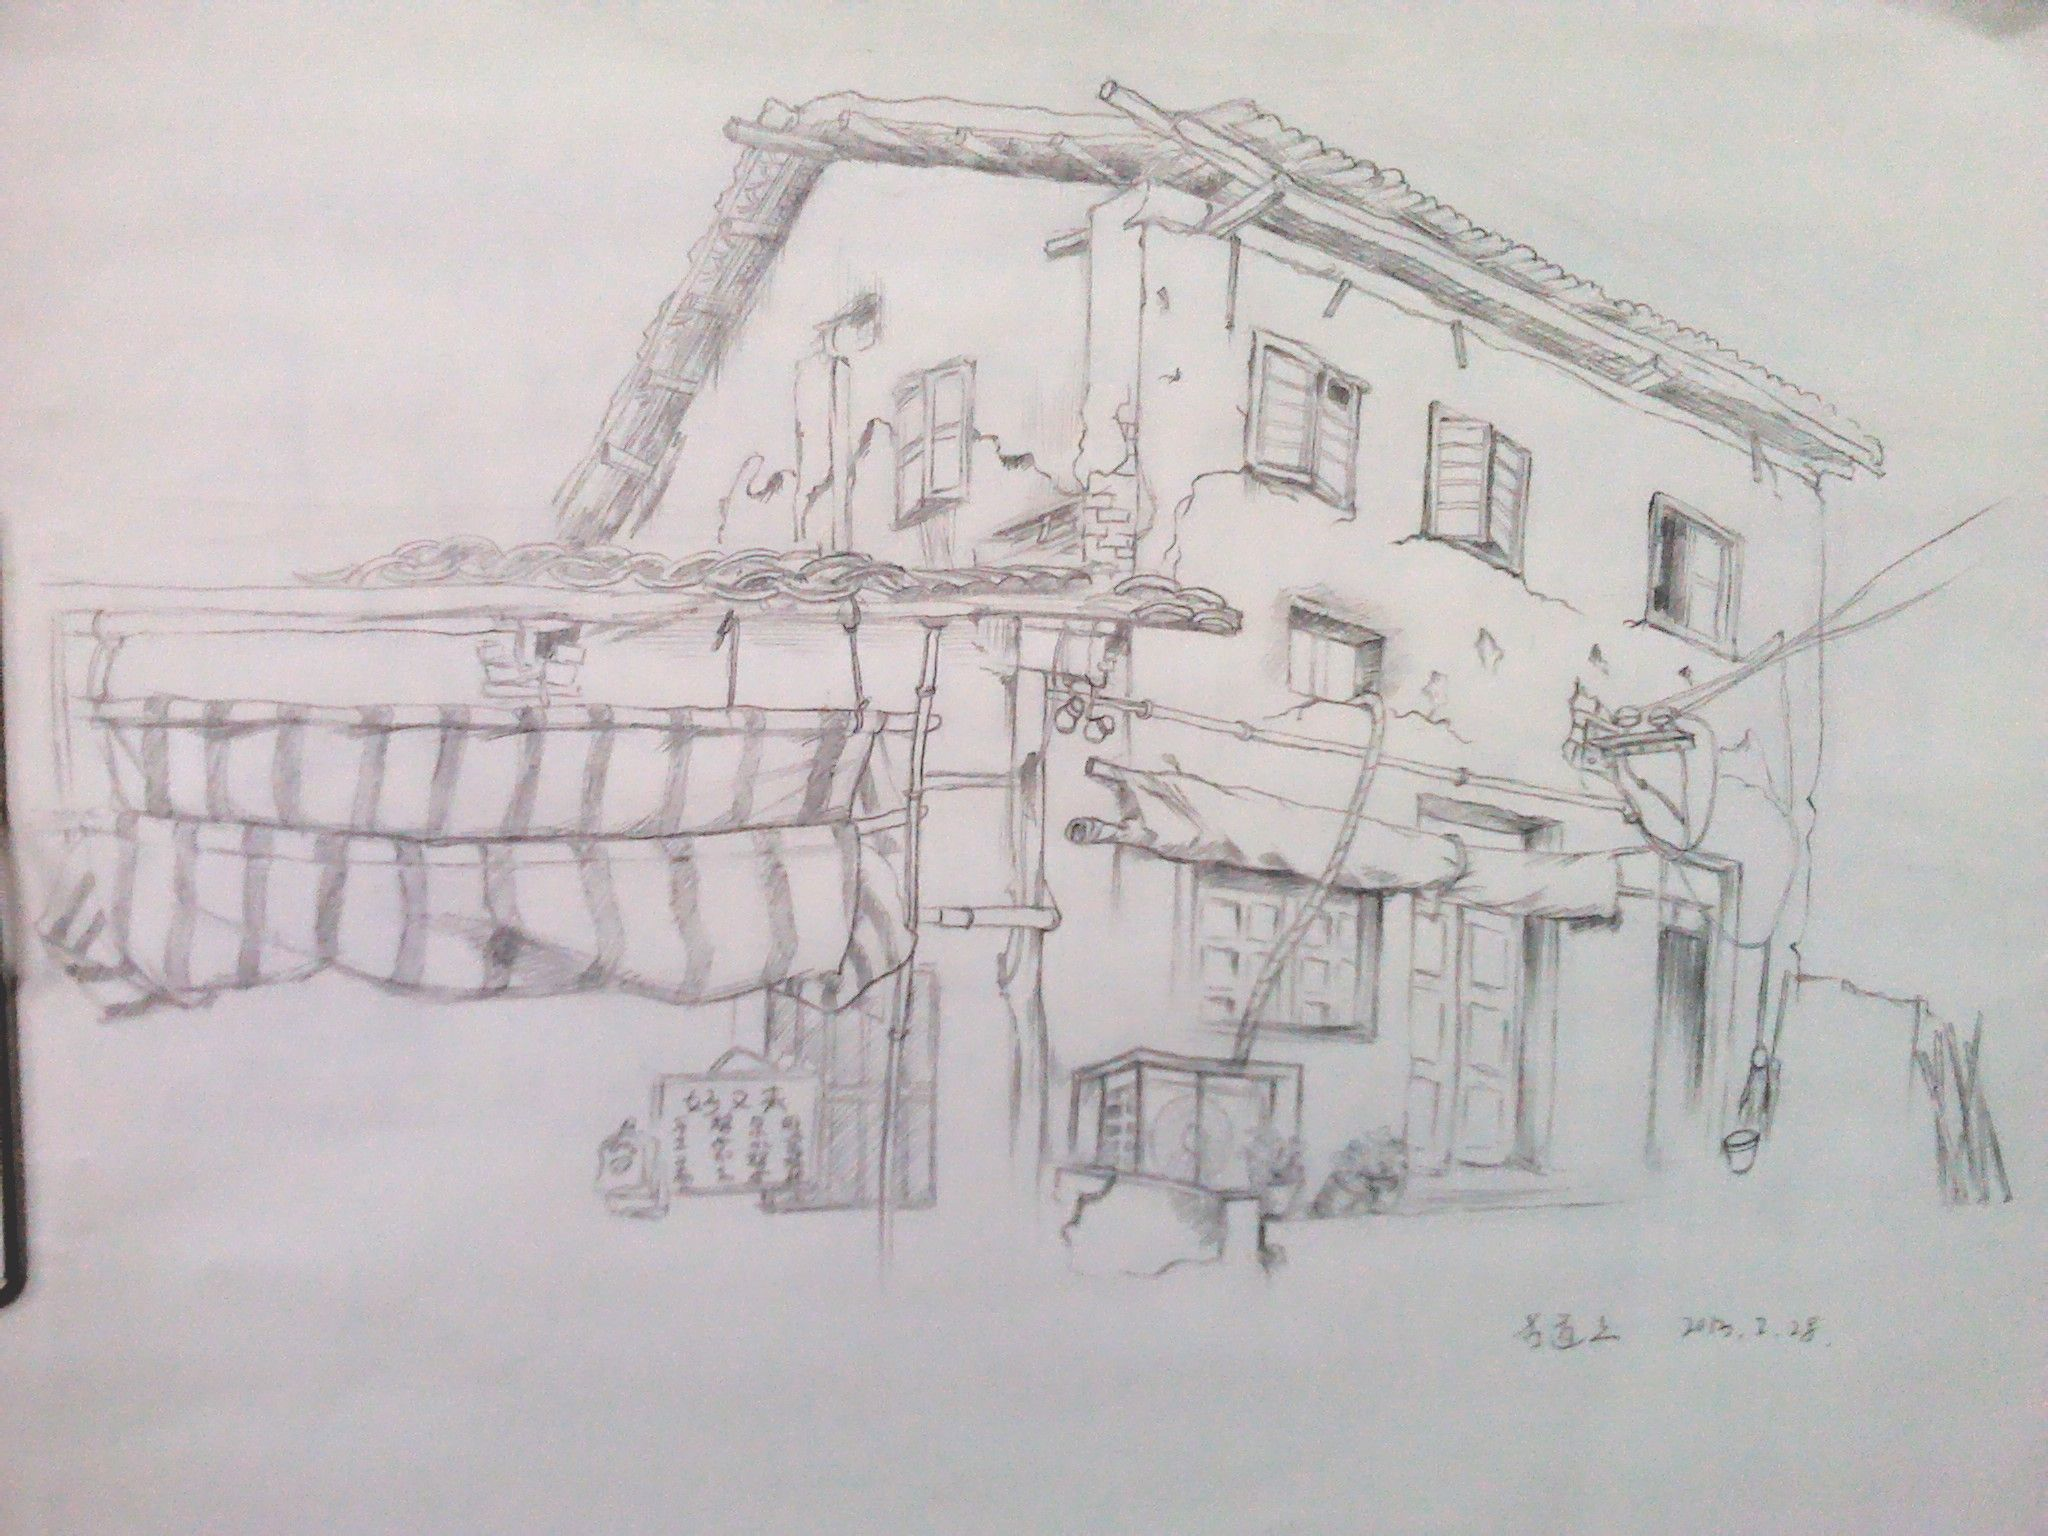 农村的房子怎么画啊?我要用来做美术作业啊!急!图片